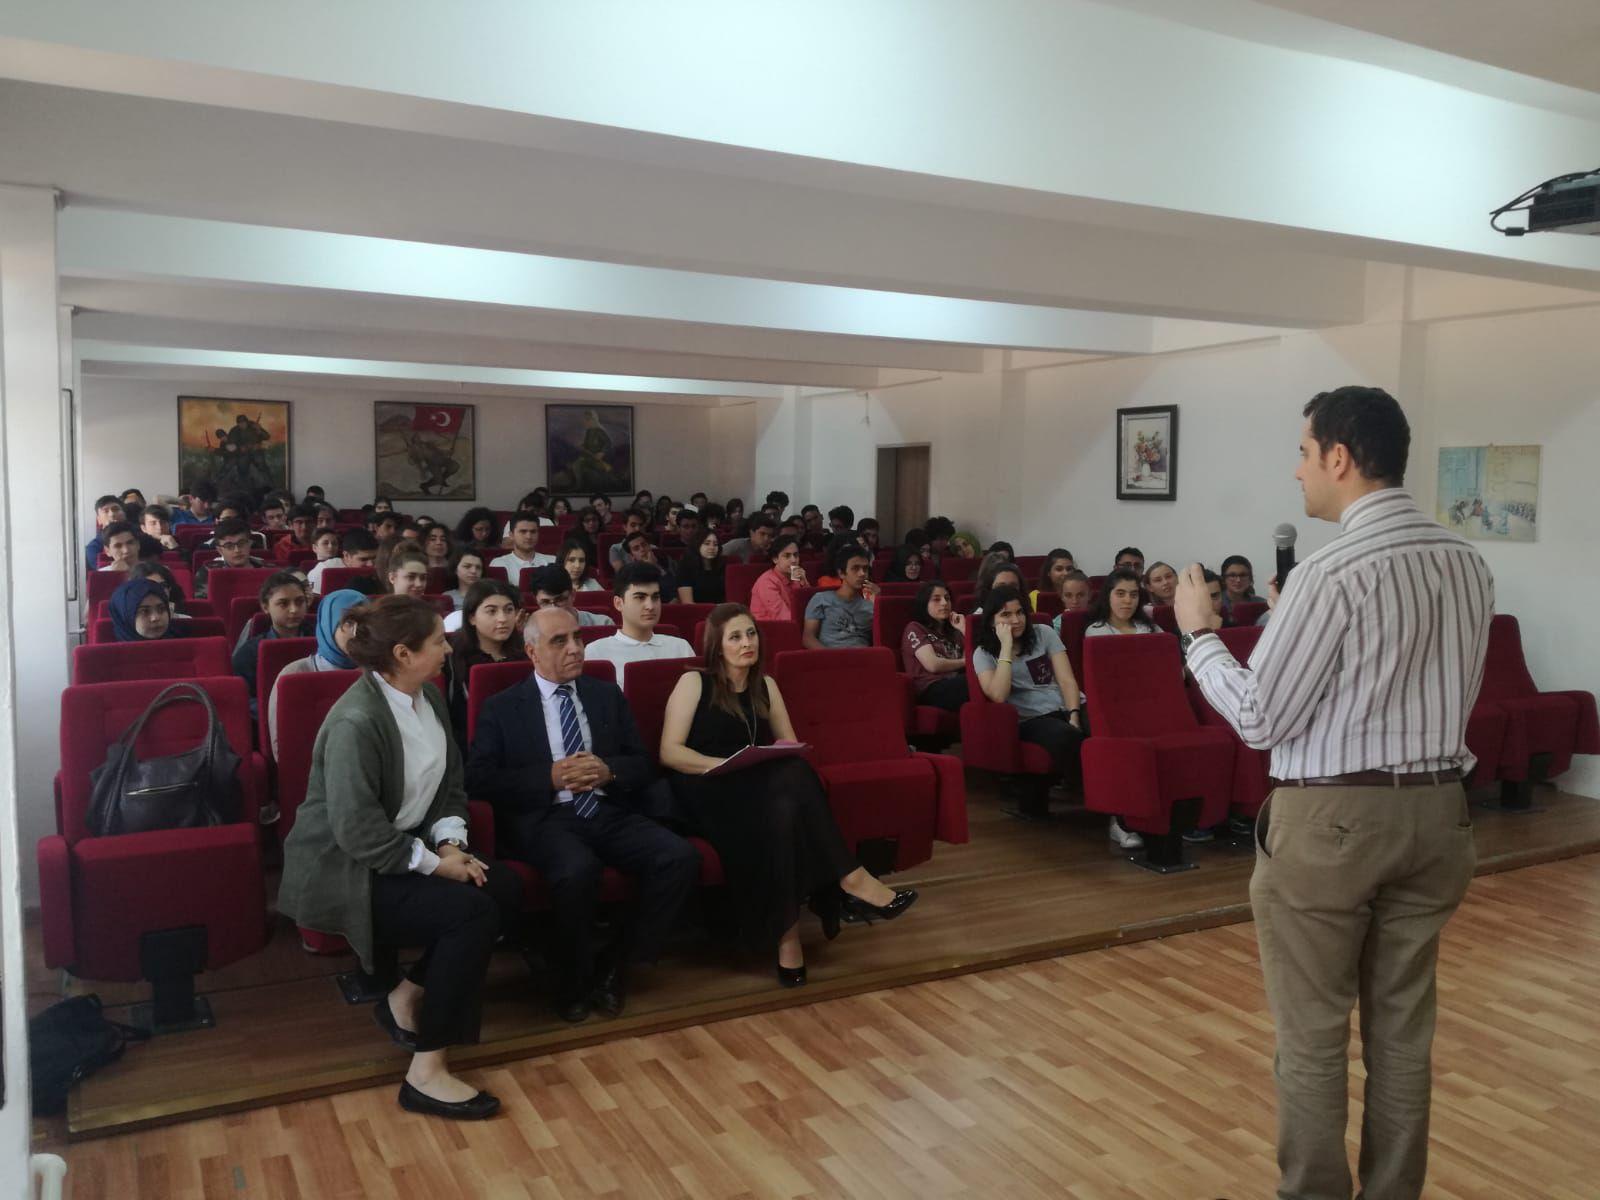 Ankara 75. Yıl Anadolu Lisesi, Yurtdışında Üniversite seminerine büyük ilgi gösterdi!